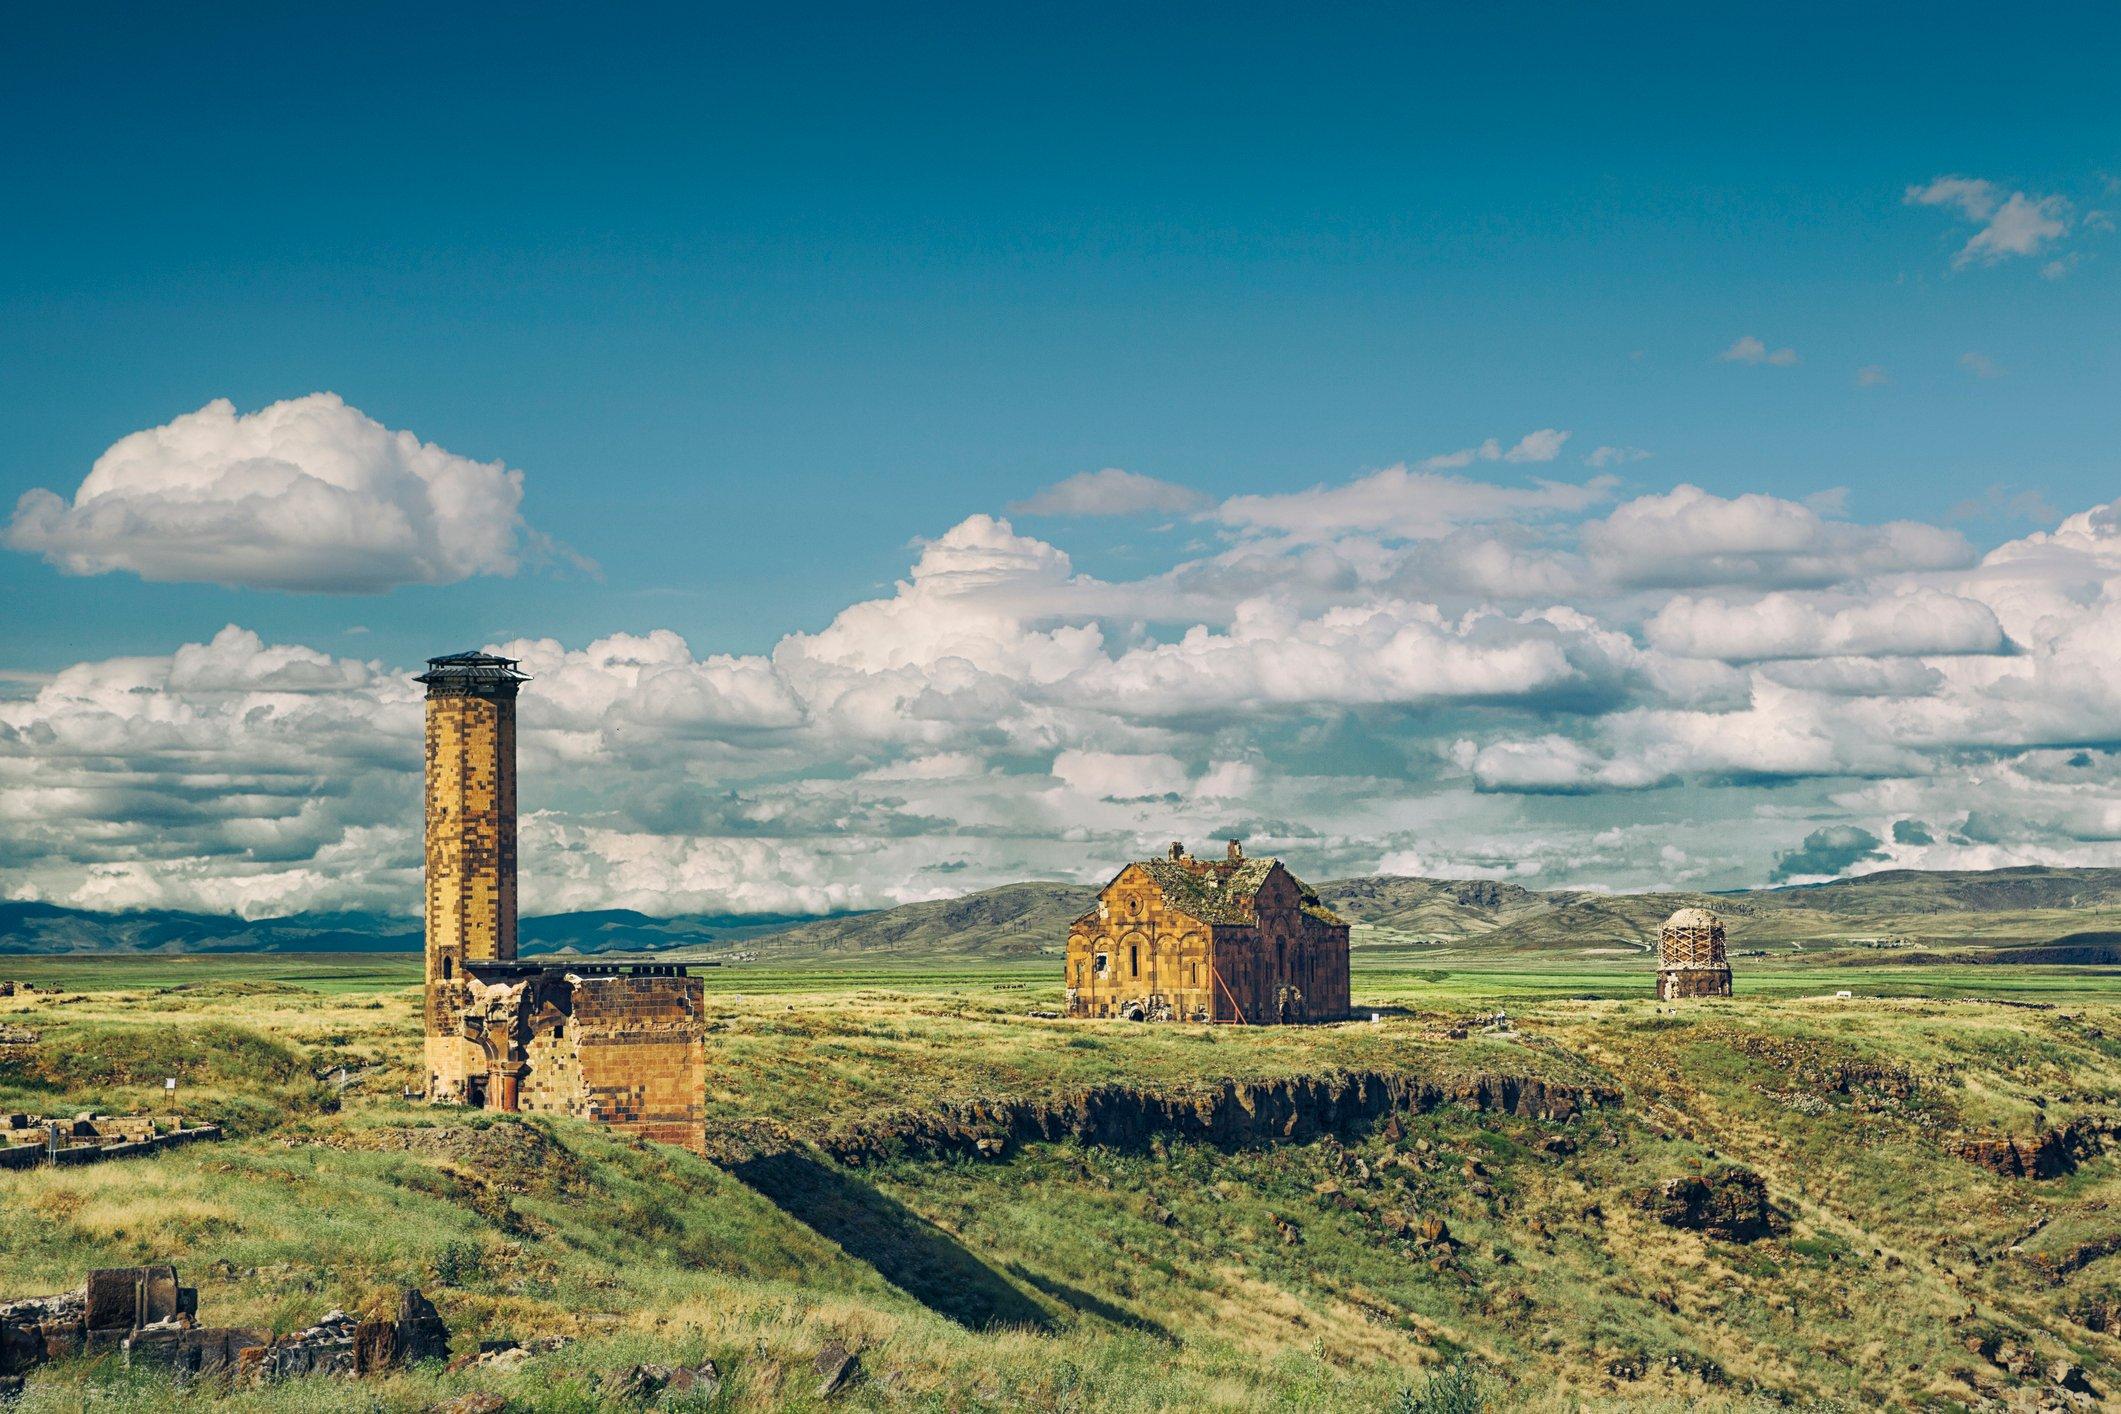 亚美尼亚编年史家,如叶吉什和加扎尔帕尔佩西,第一次提到阿尼在五世纪。(iStock照片)